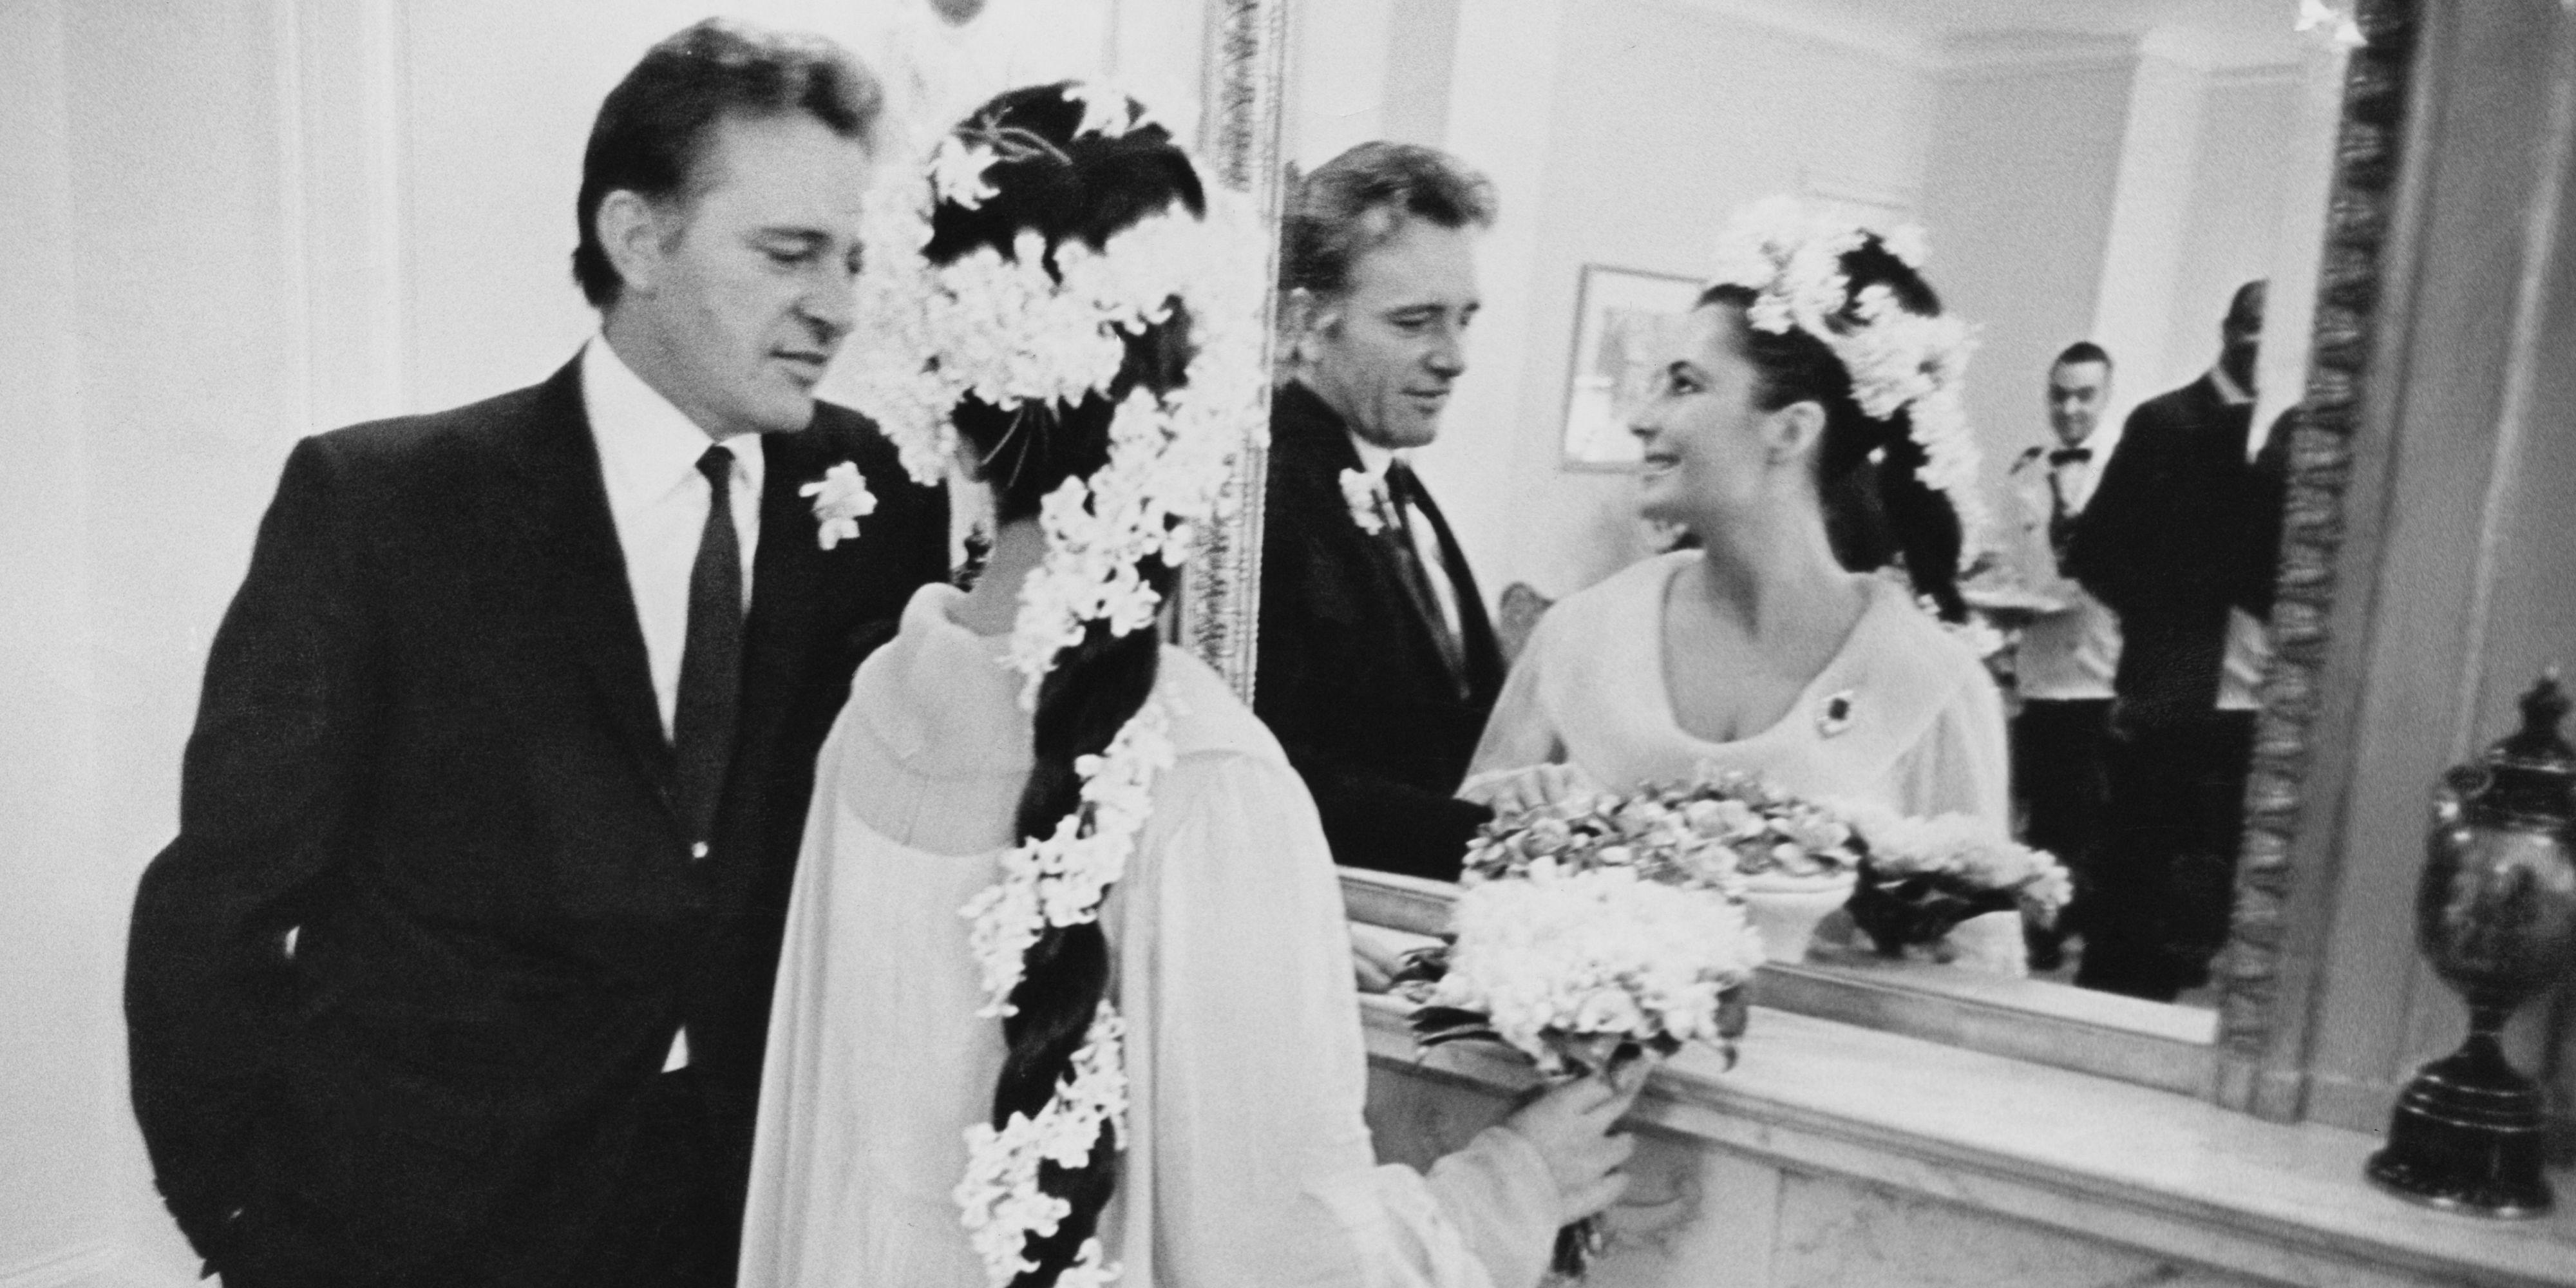 How many times did elizabeth taylor marry richard burton